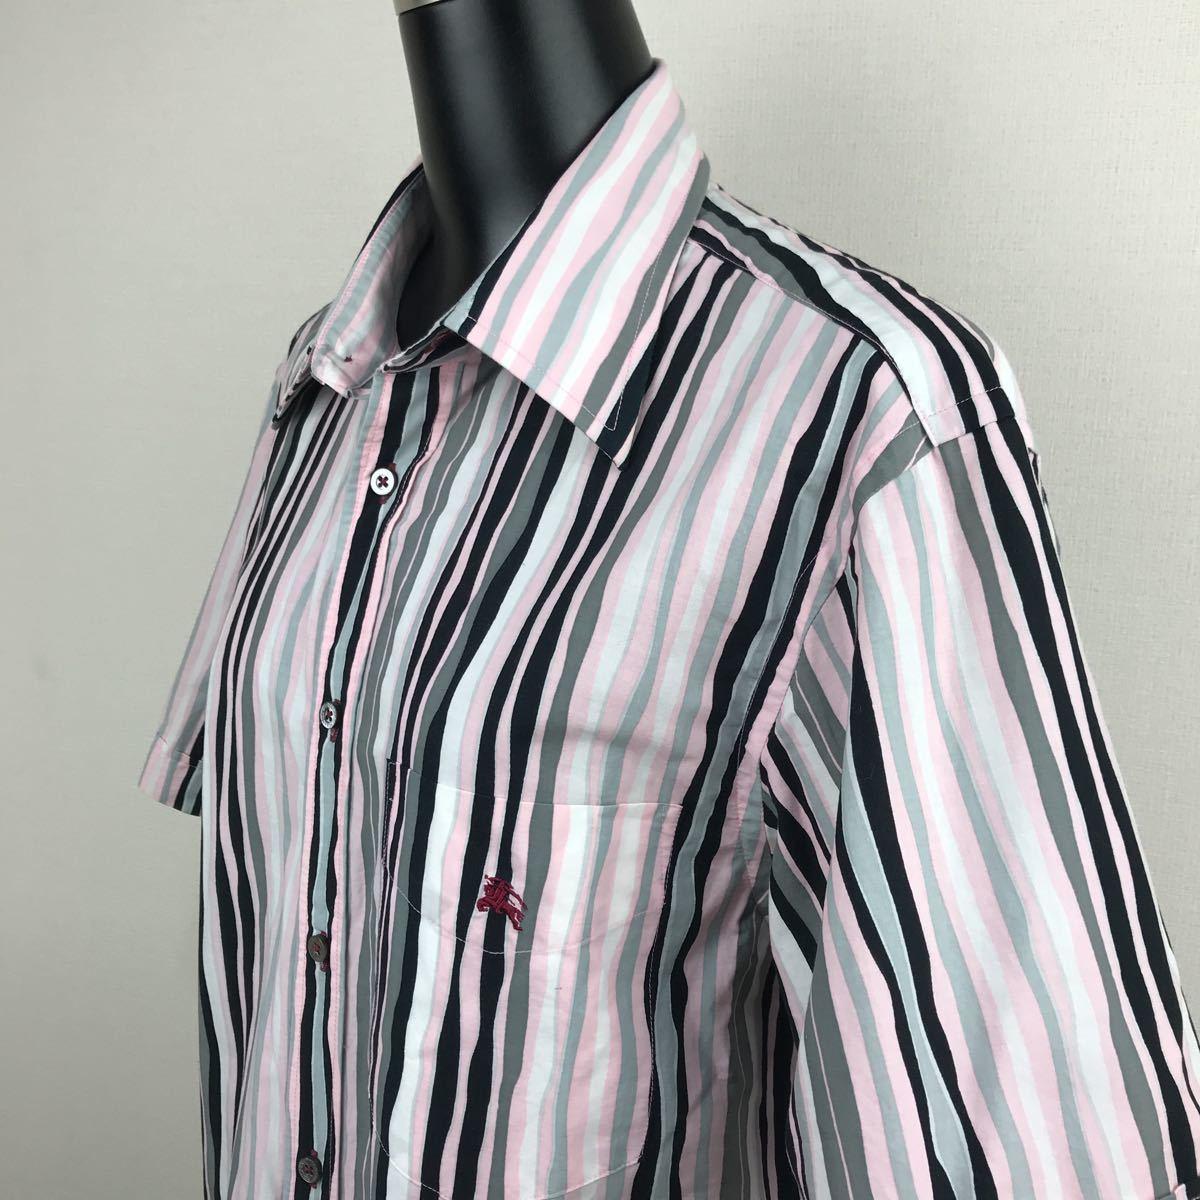 1円売切■3回着用■BURBERRY■BLACKLABELバーバリーブラックレーベル■ストライプ ボタンシャツ 半袖■ホースマーク■サイズ2_画像3